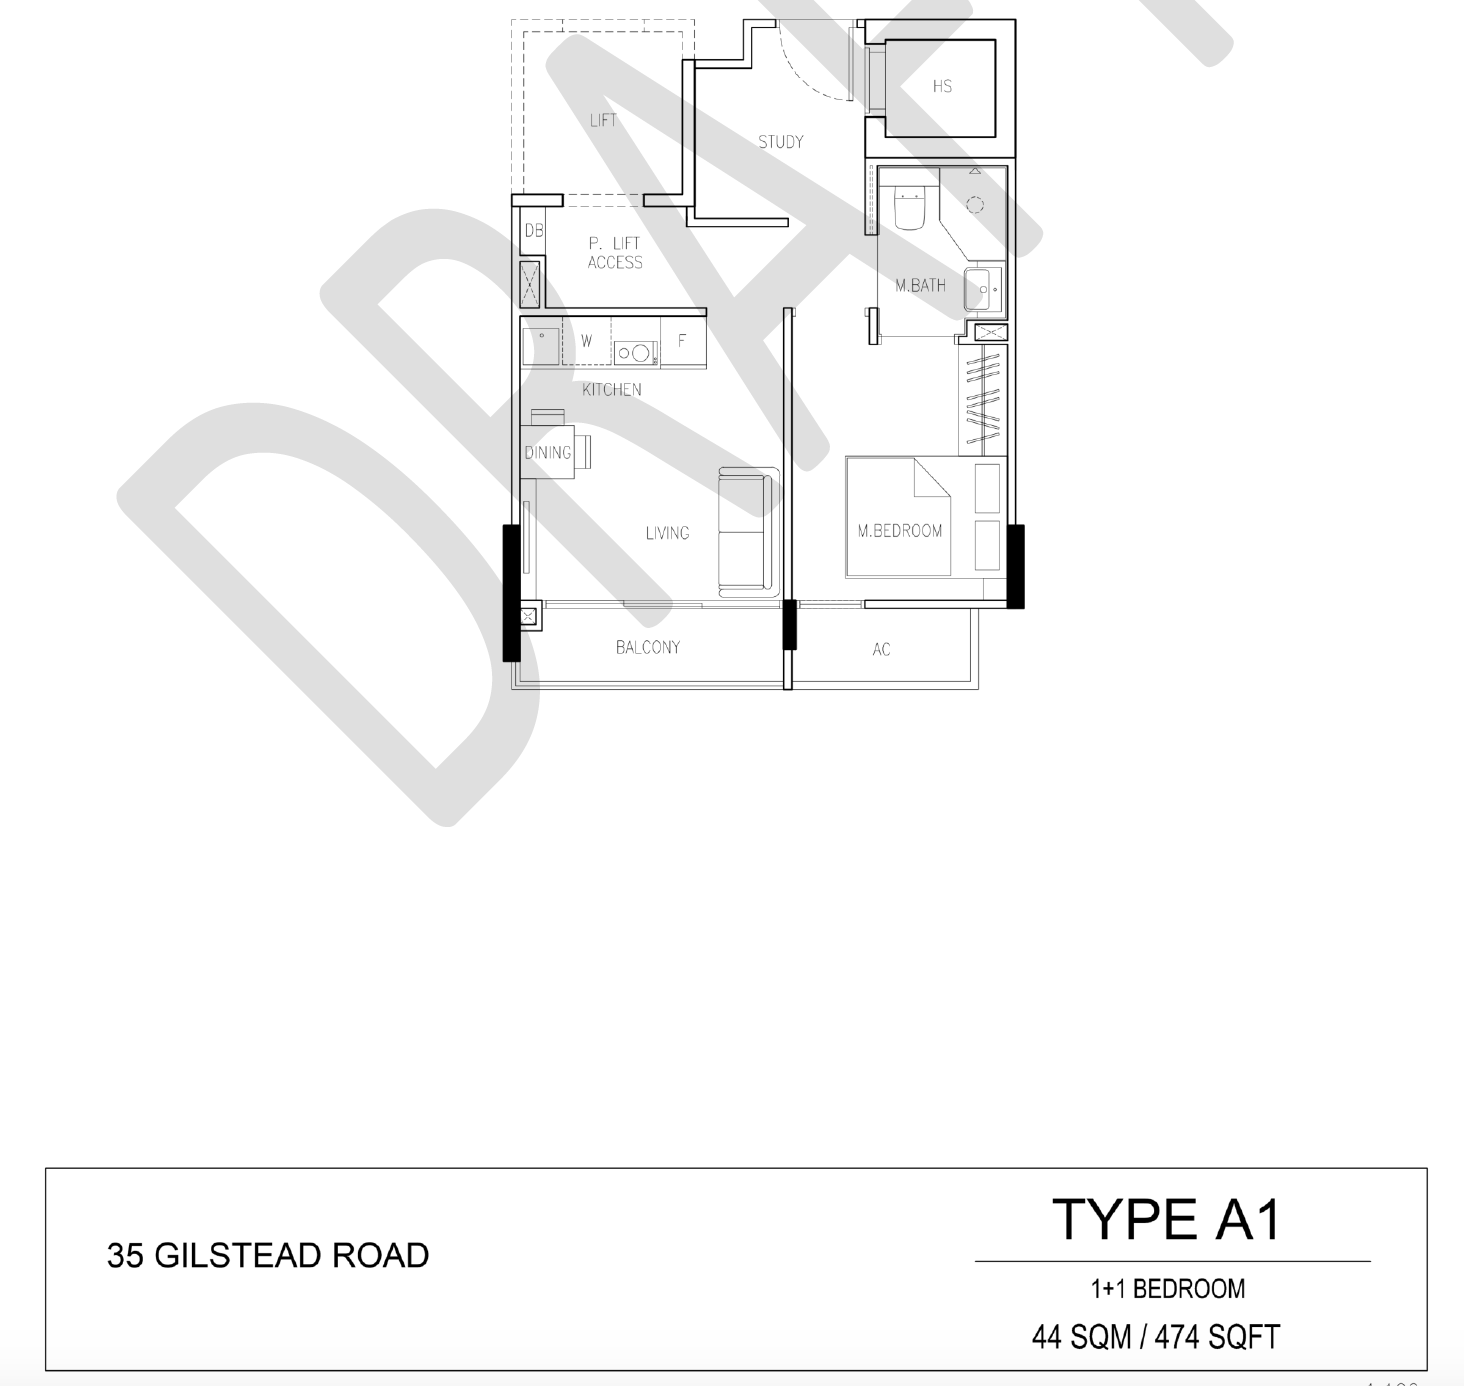 35-Gilstead-floor-plan-1-bedroom-Type-A1